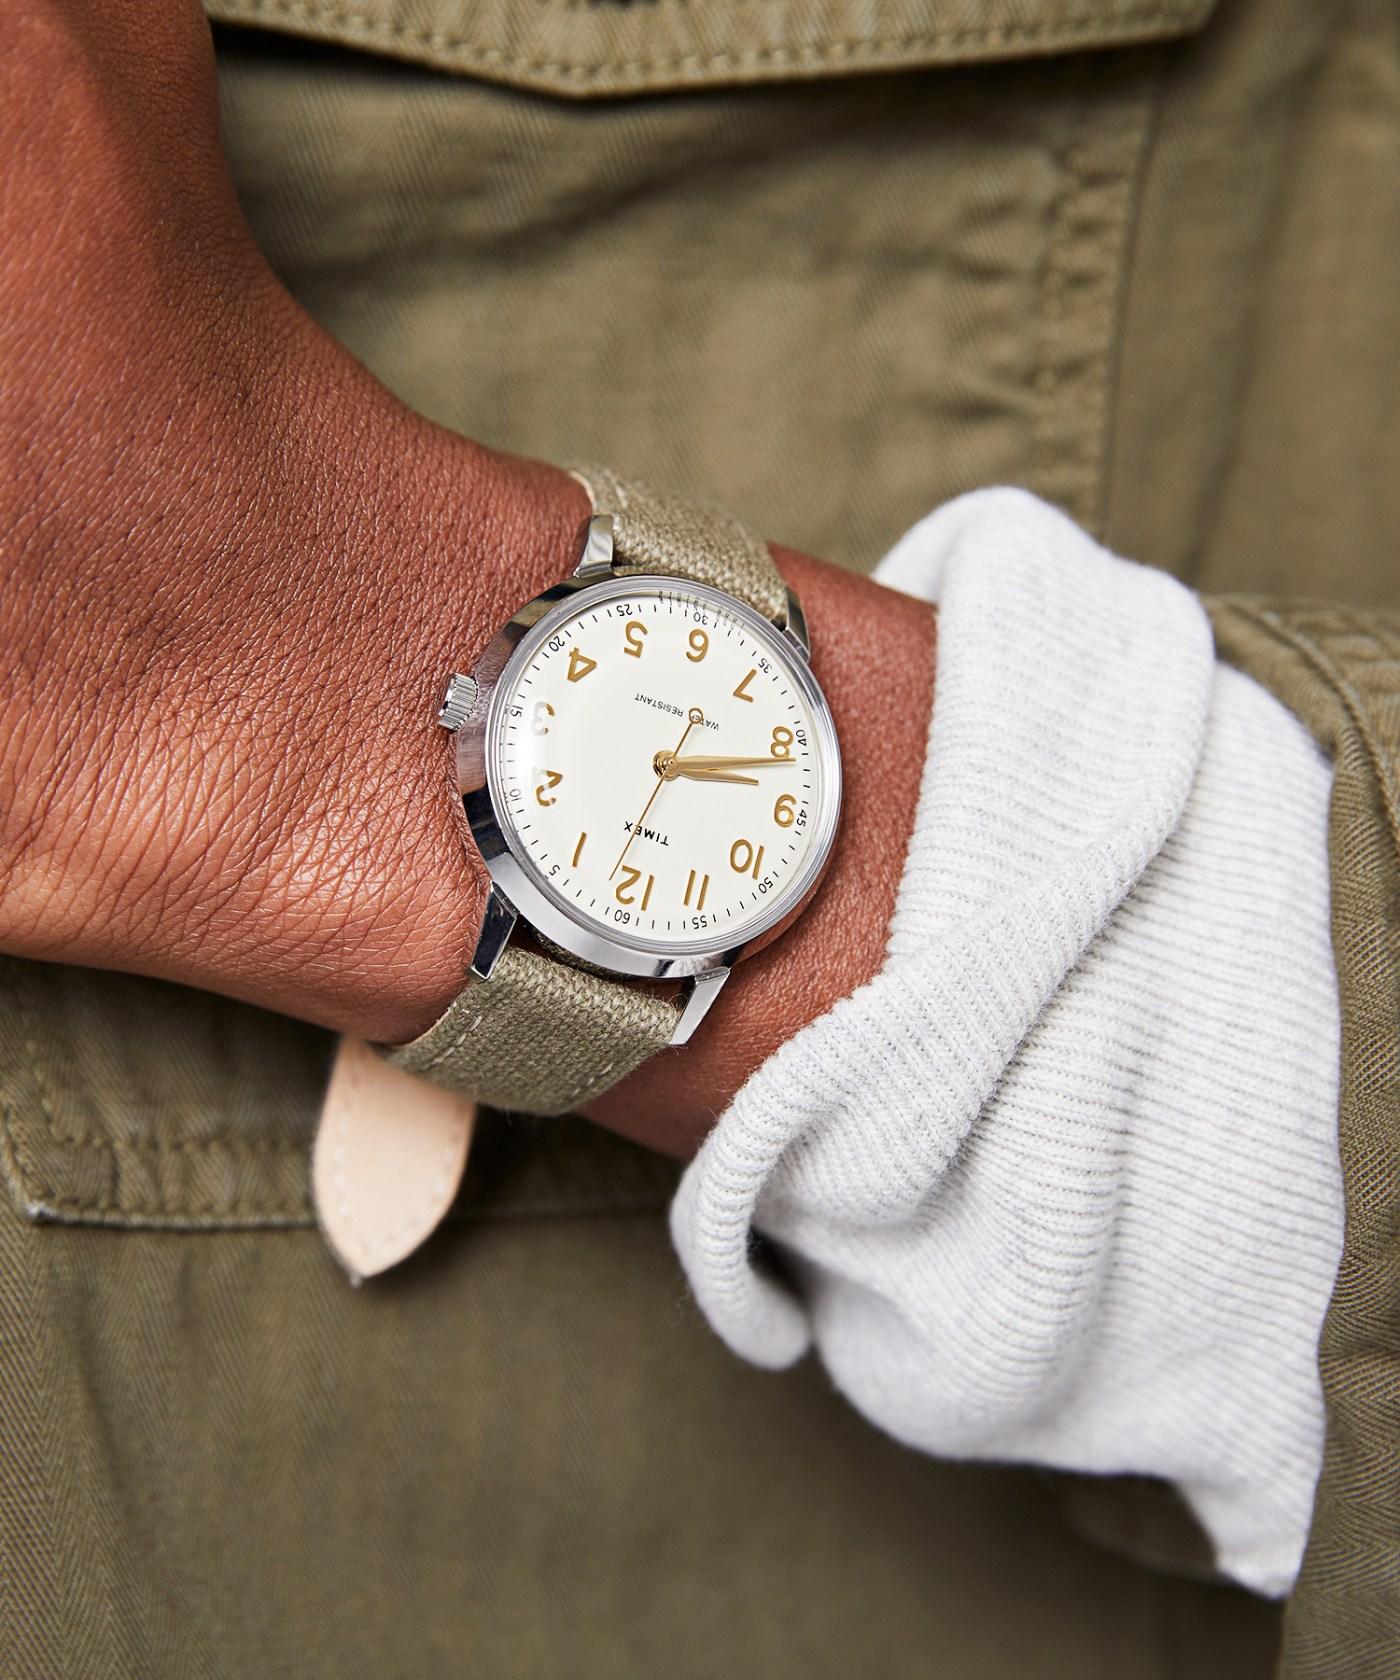 2020 Todd Snyder x Timex Liquor Store Watch wristshot